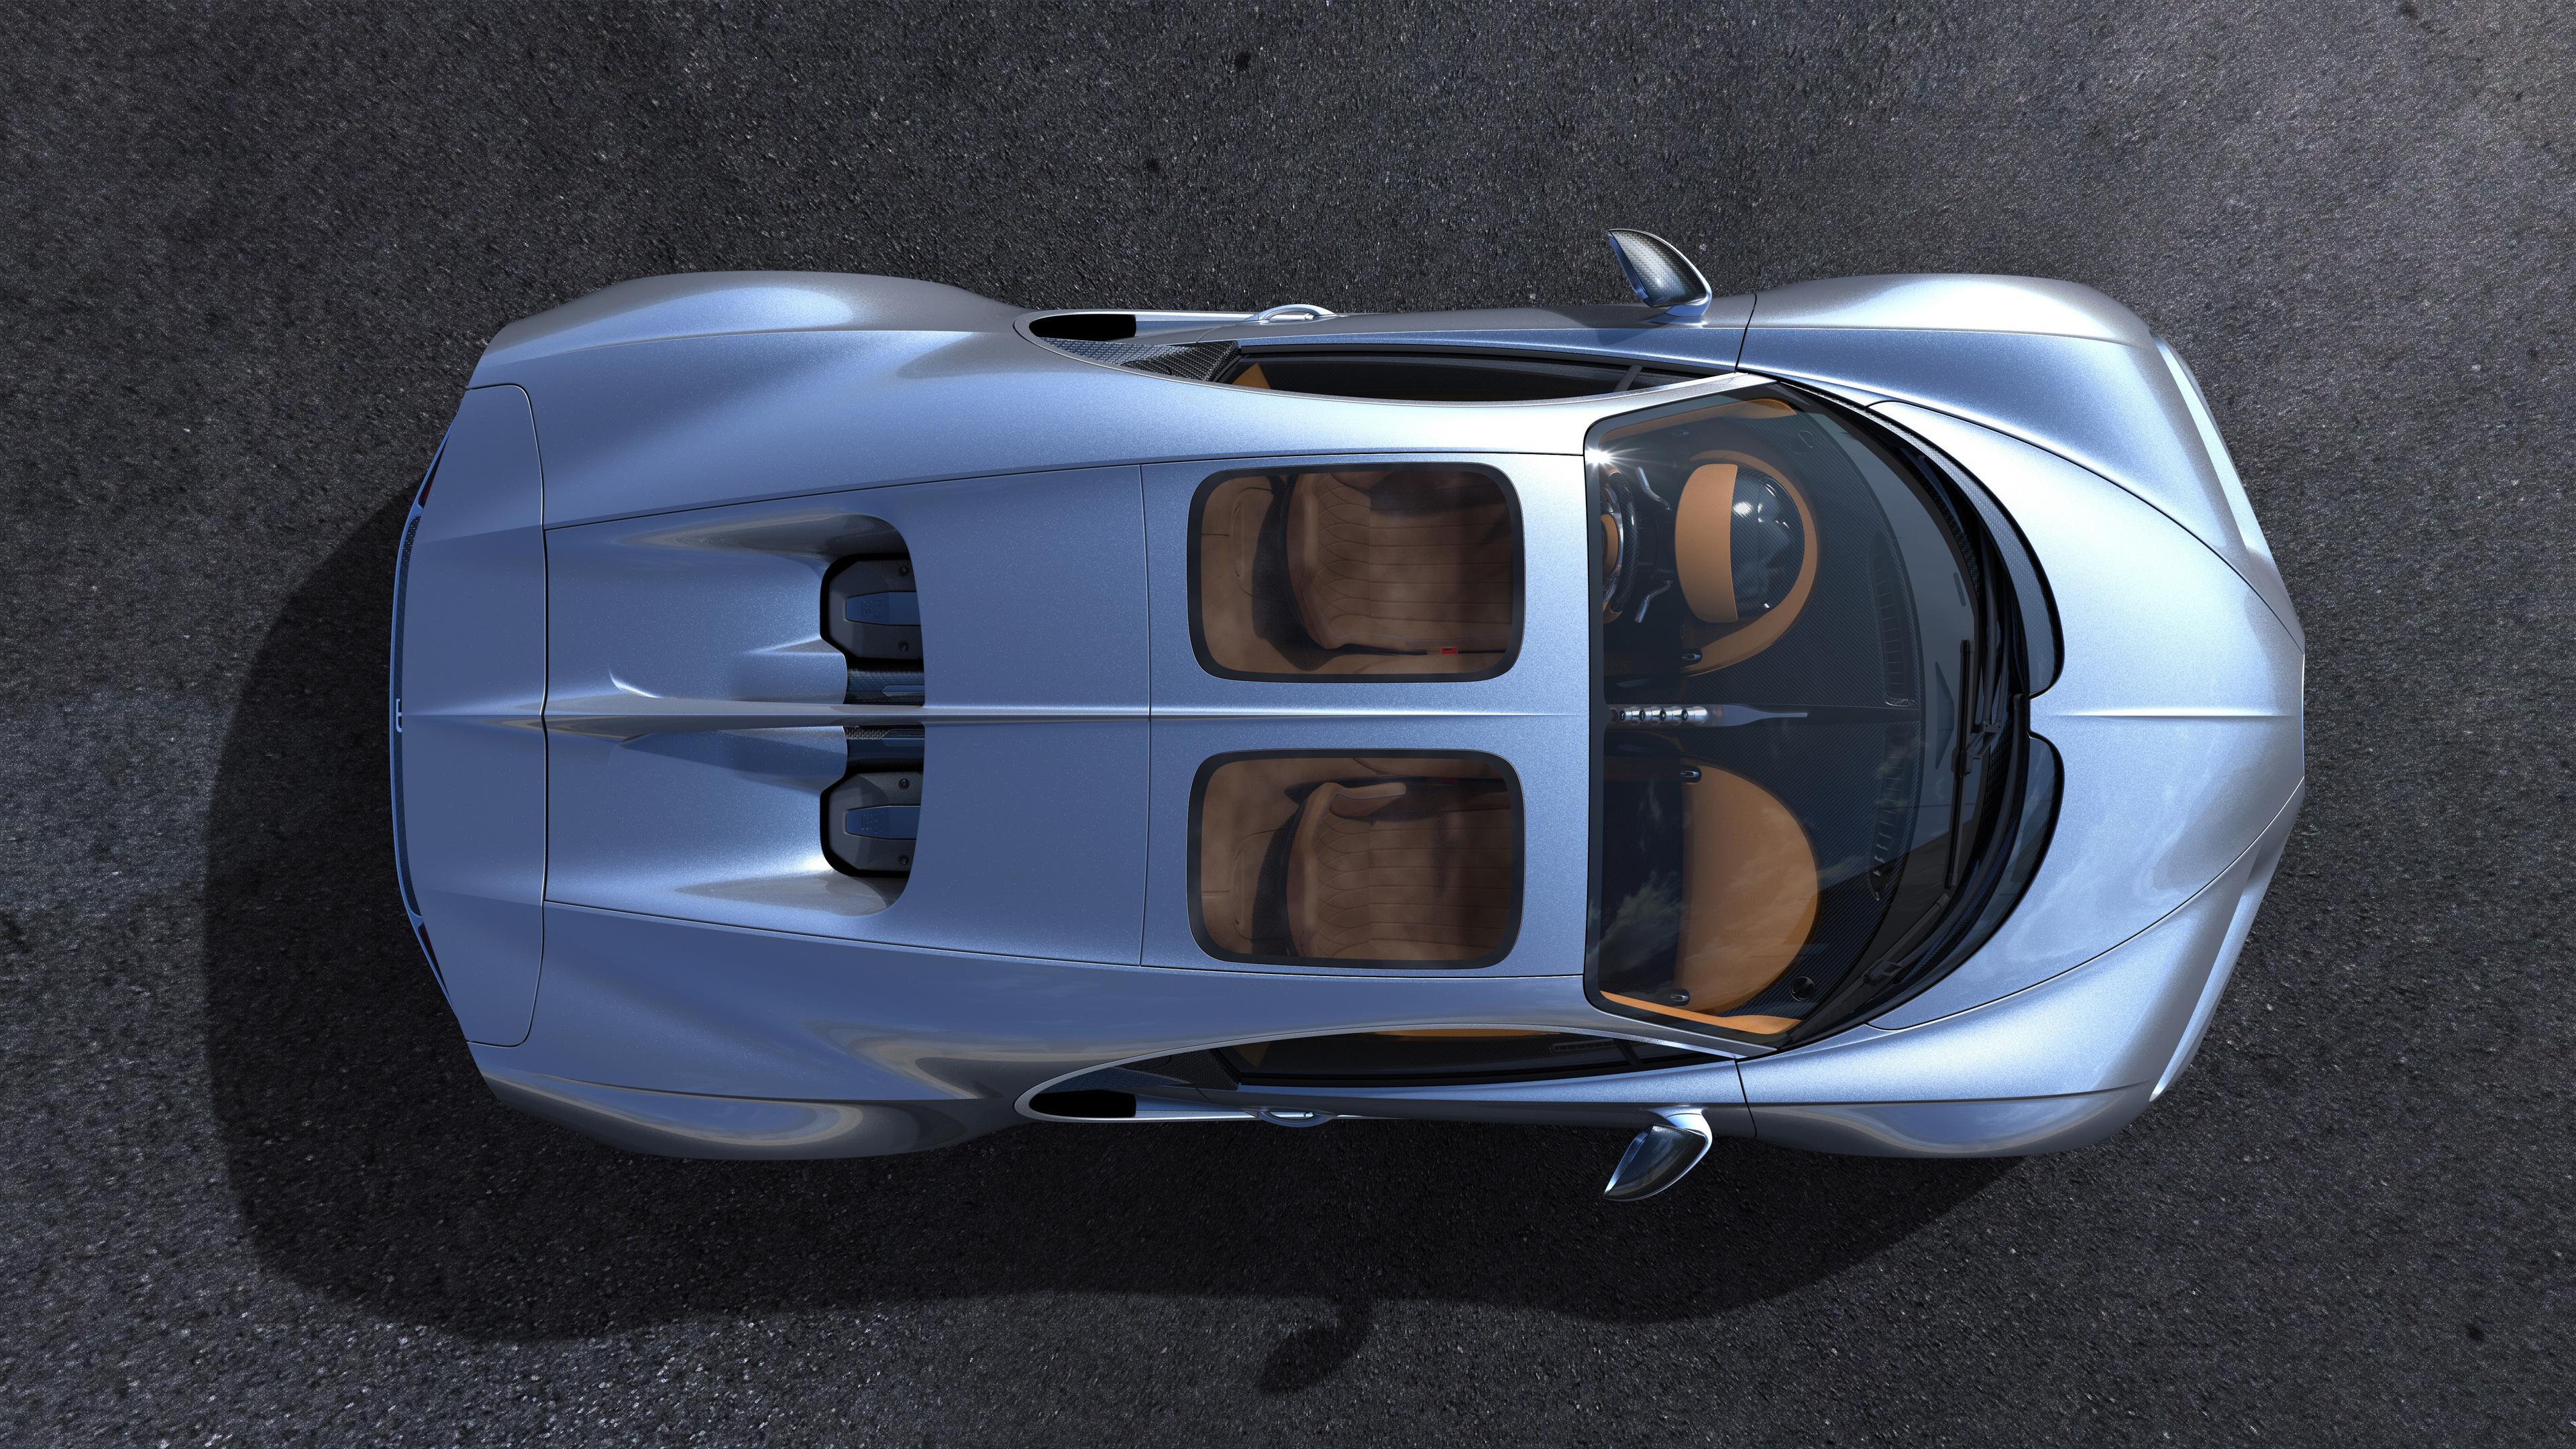 bugatti chiron sky view 5k 2018 upper view 1539792825 - Bugatti Chiron Sky View 5k 2018 Upper View - hd-wallpapers, cars wallpapers, bugatti chiron wallpapers, bugatti chiron sky view wallpapers, 5k wallpapers, 4k-wallpapers, 2018 cars wallpapers